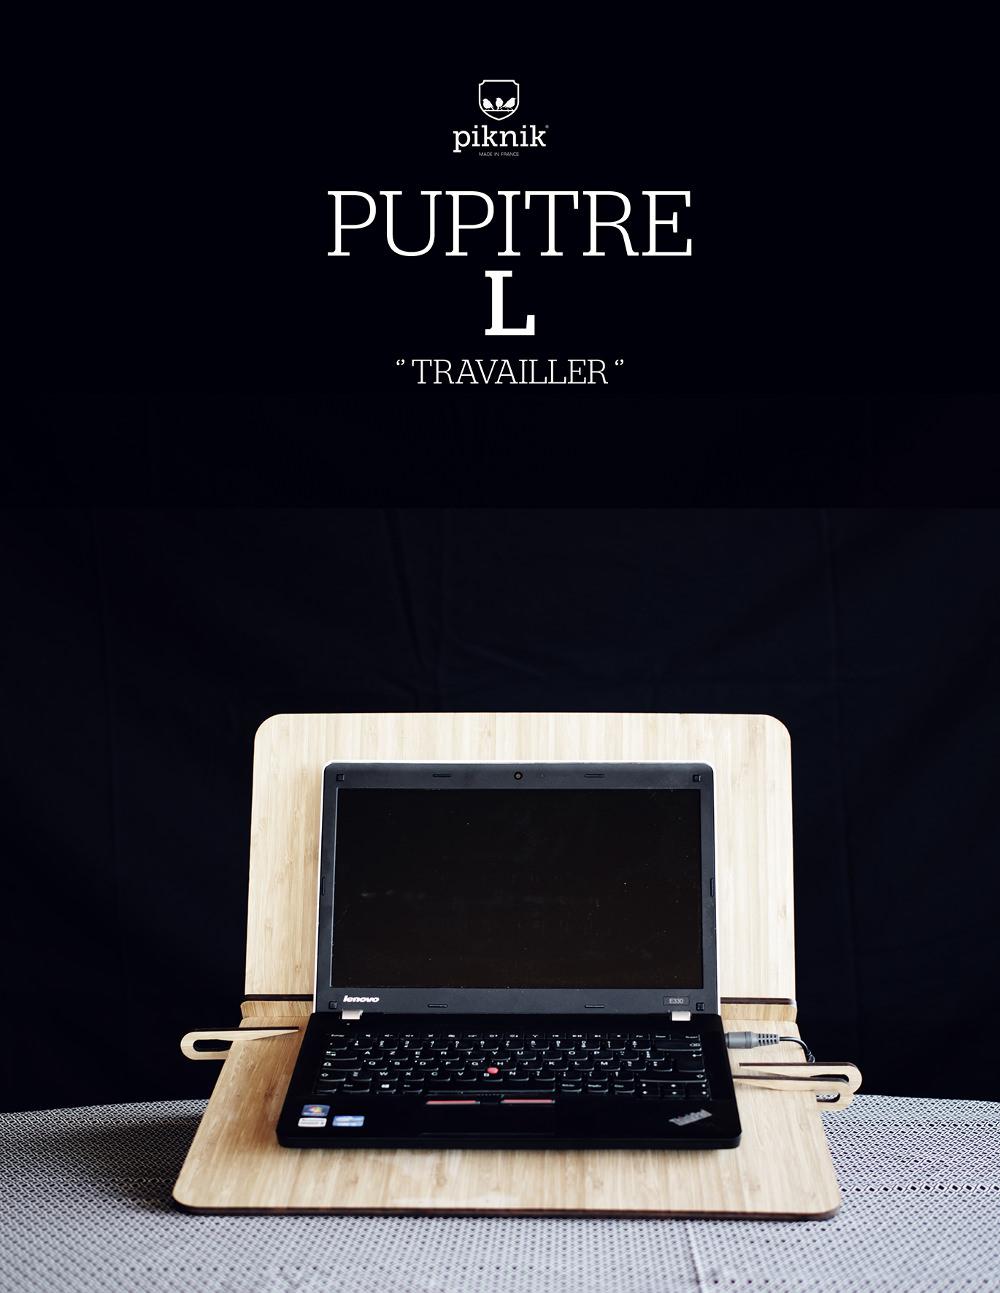 PUPITRE jouer travailler lire par Piknik